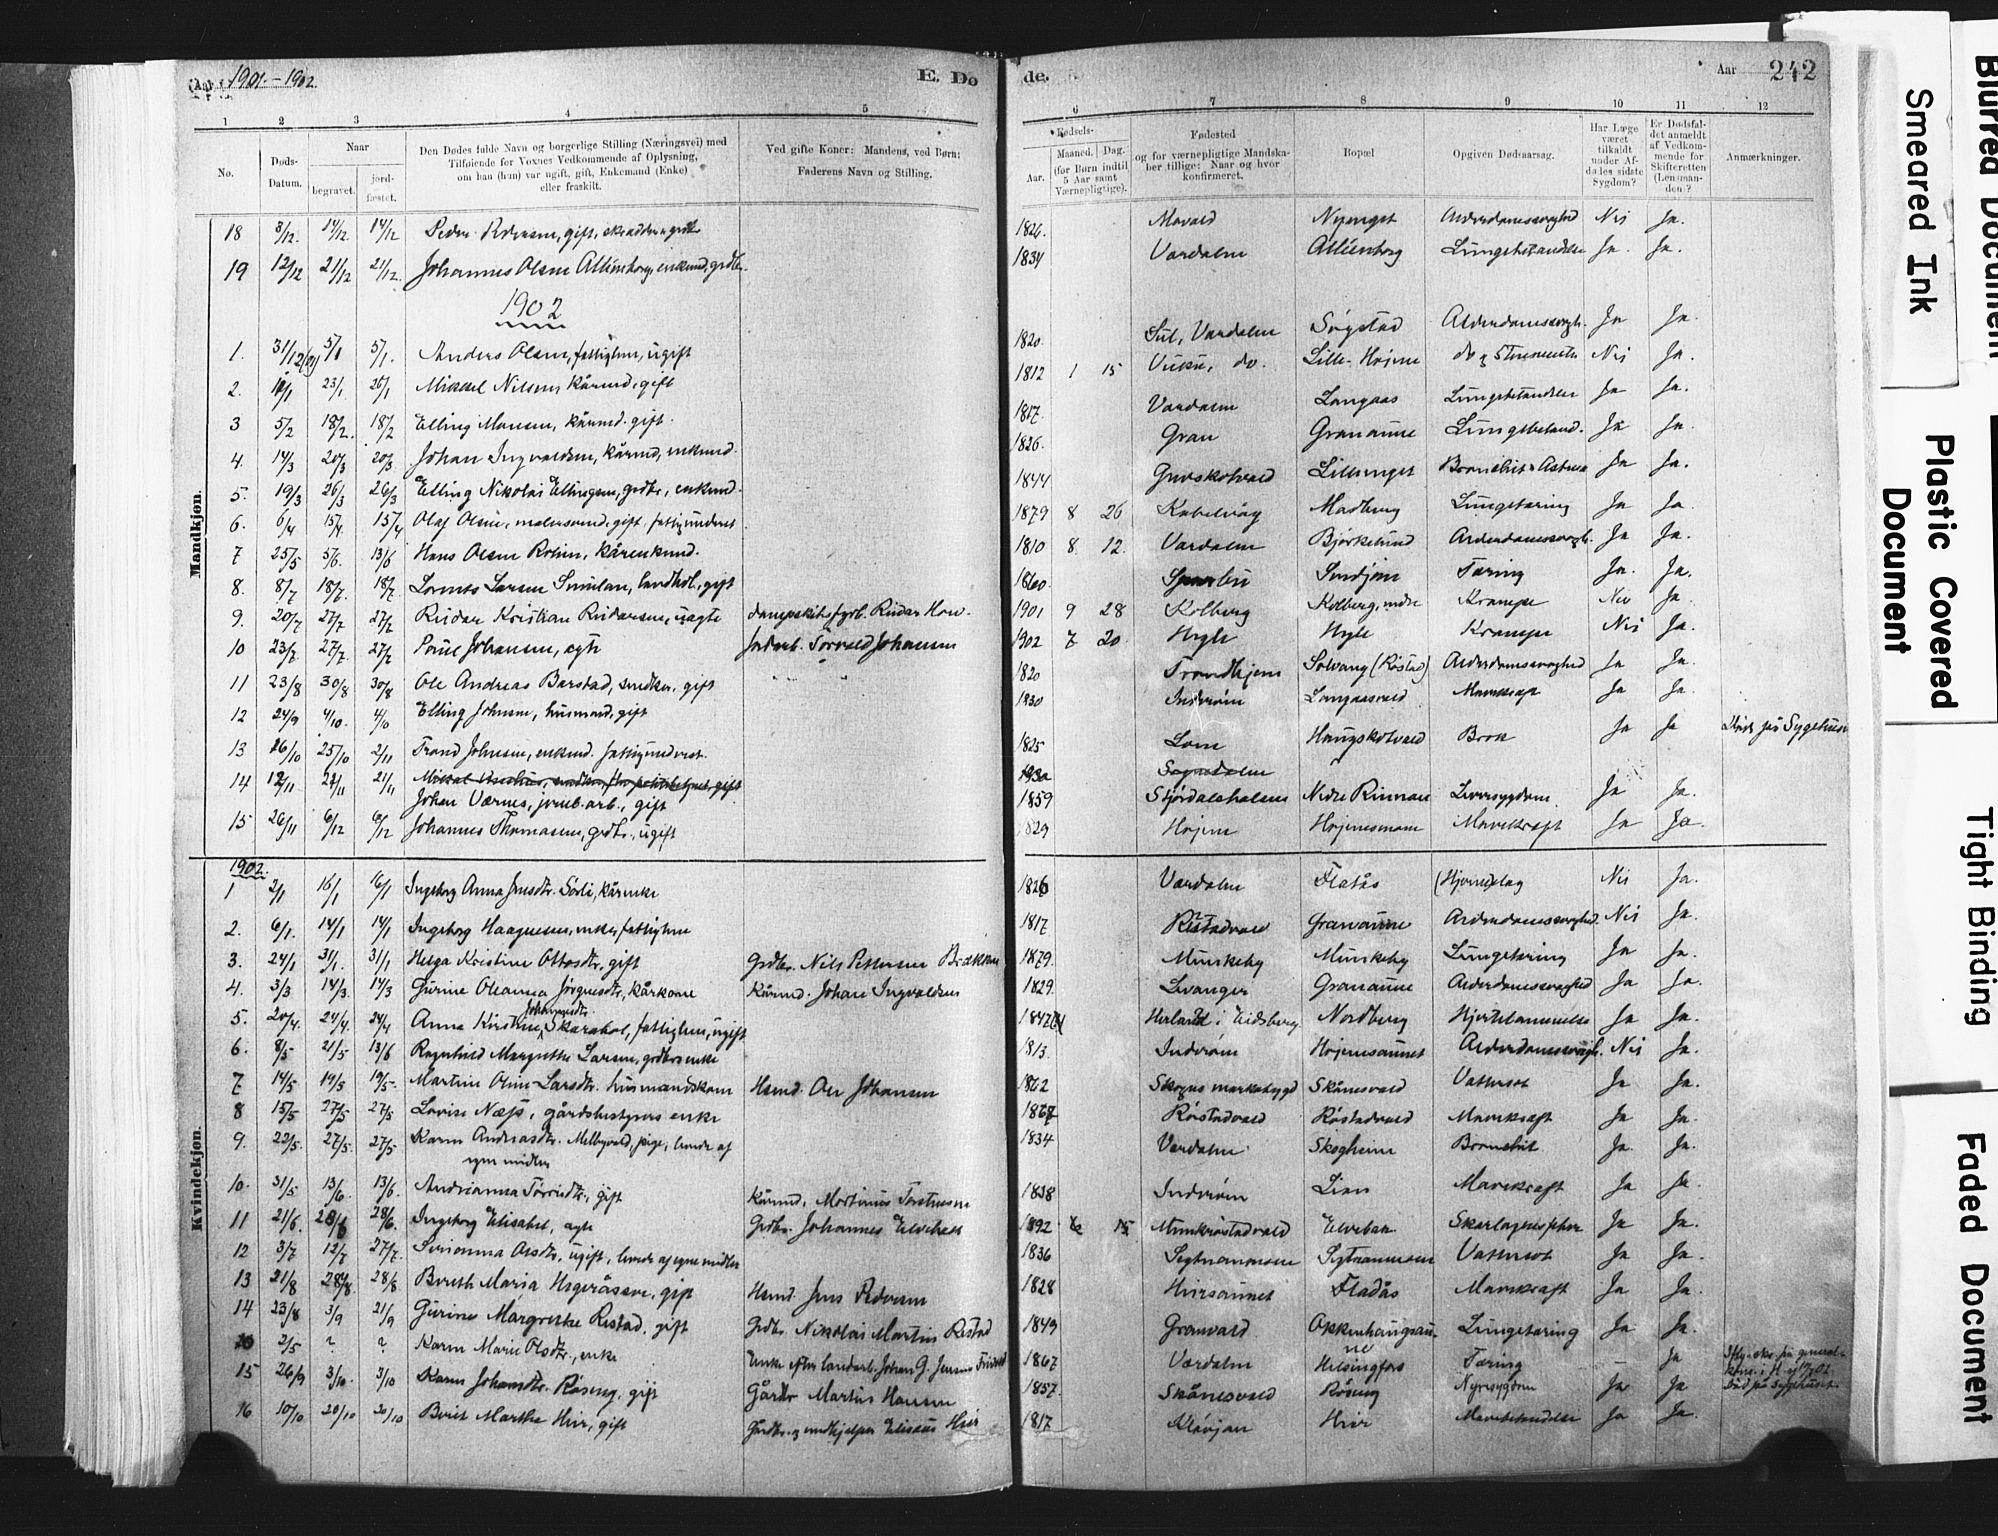 SAT, Ministerialprotokoller, klokkerbøker og fødselsregistre - Nord-Trøndelag, 721/L0207: Ministerialbok nr. 721A02, 1880-1911, s. 242